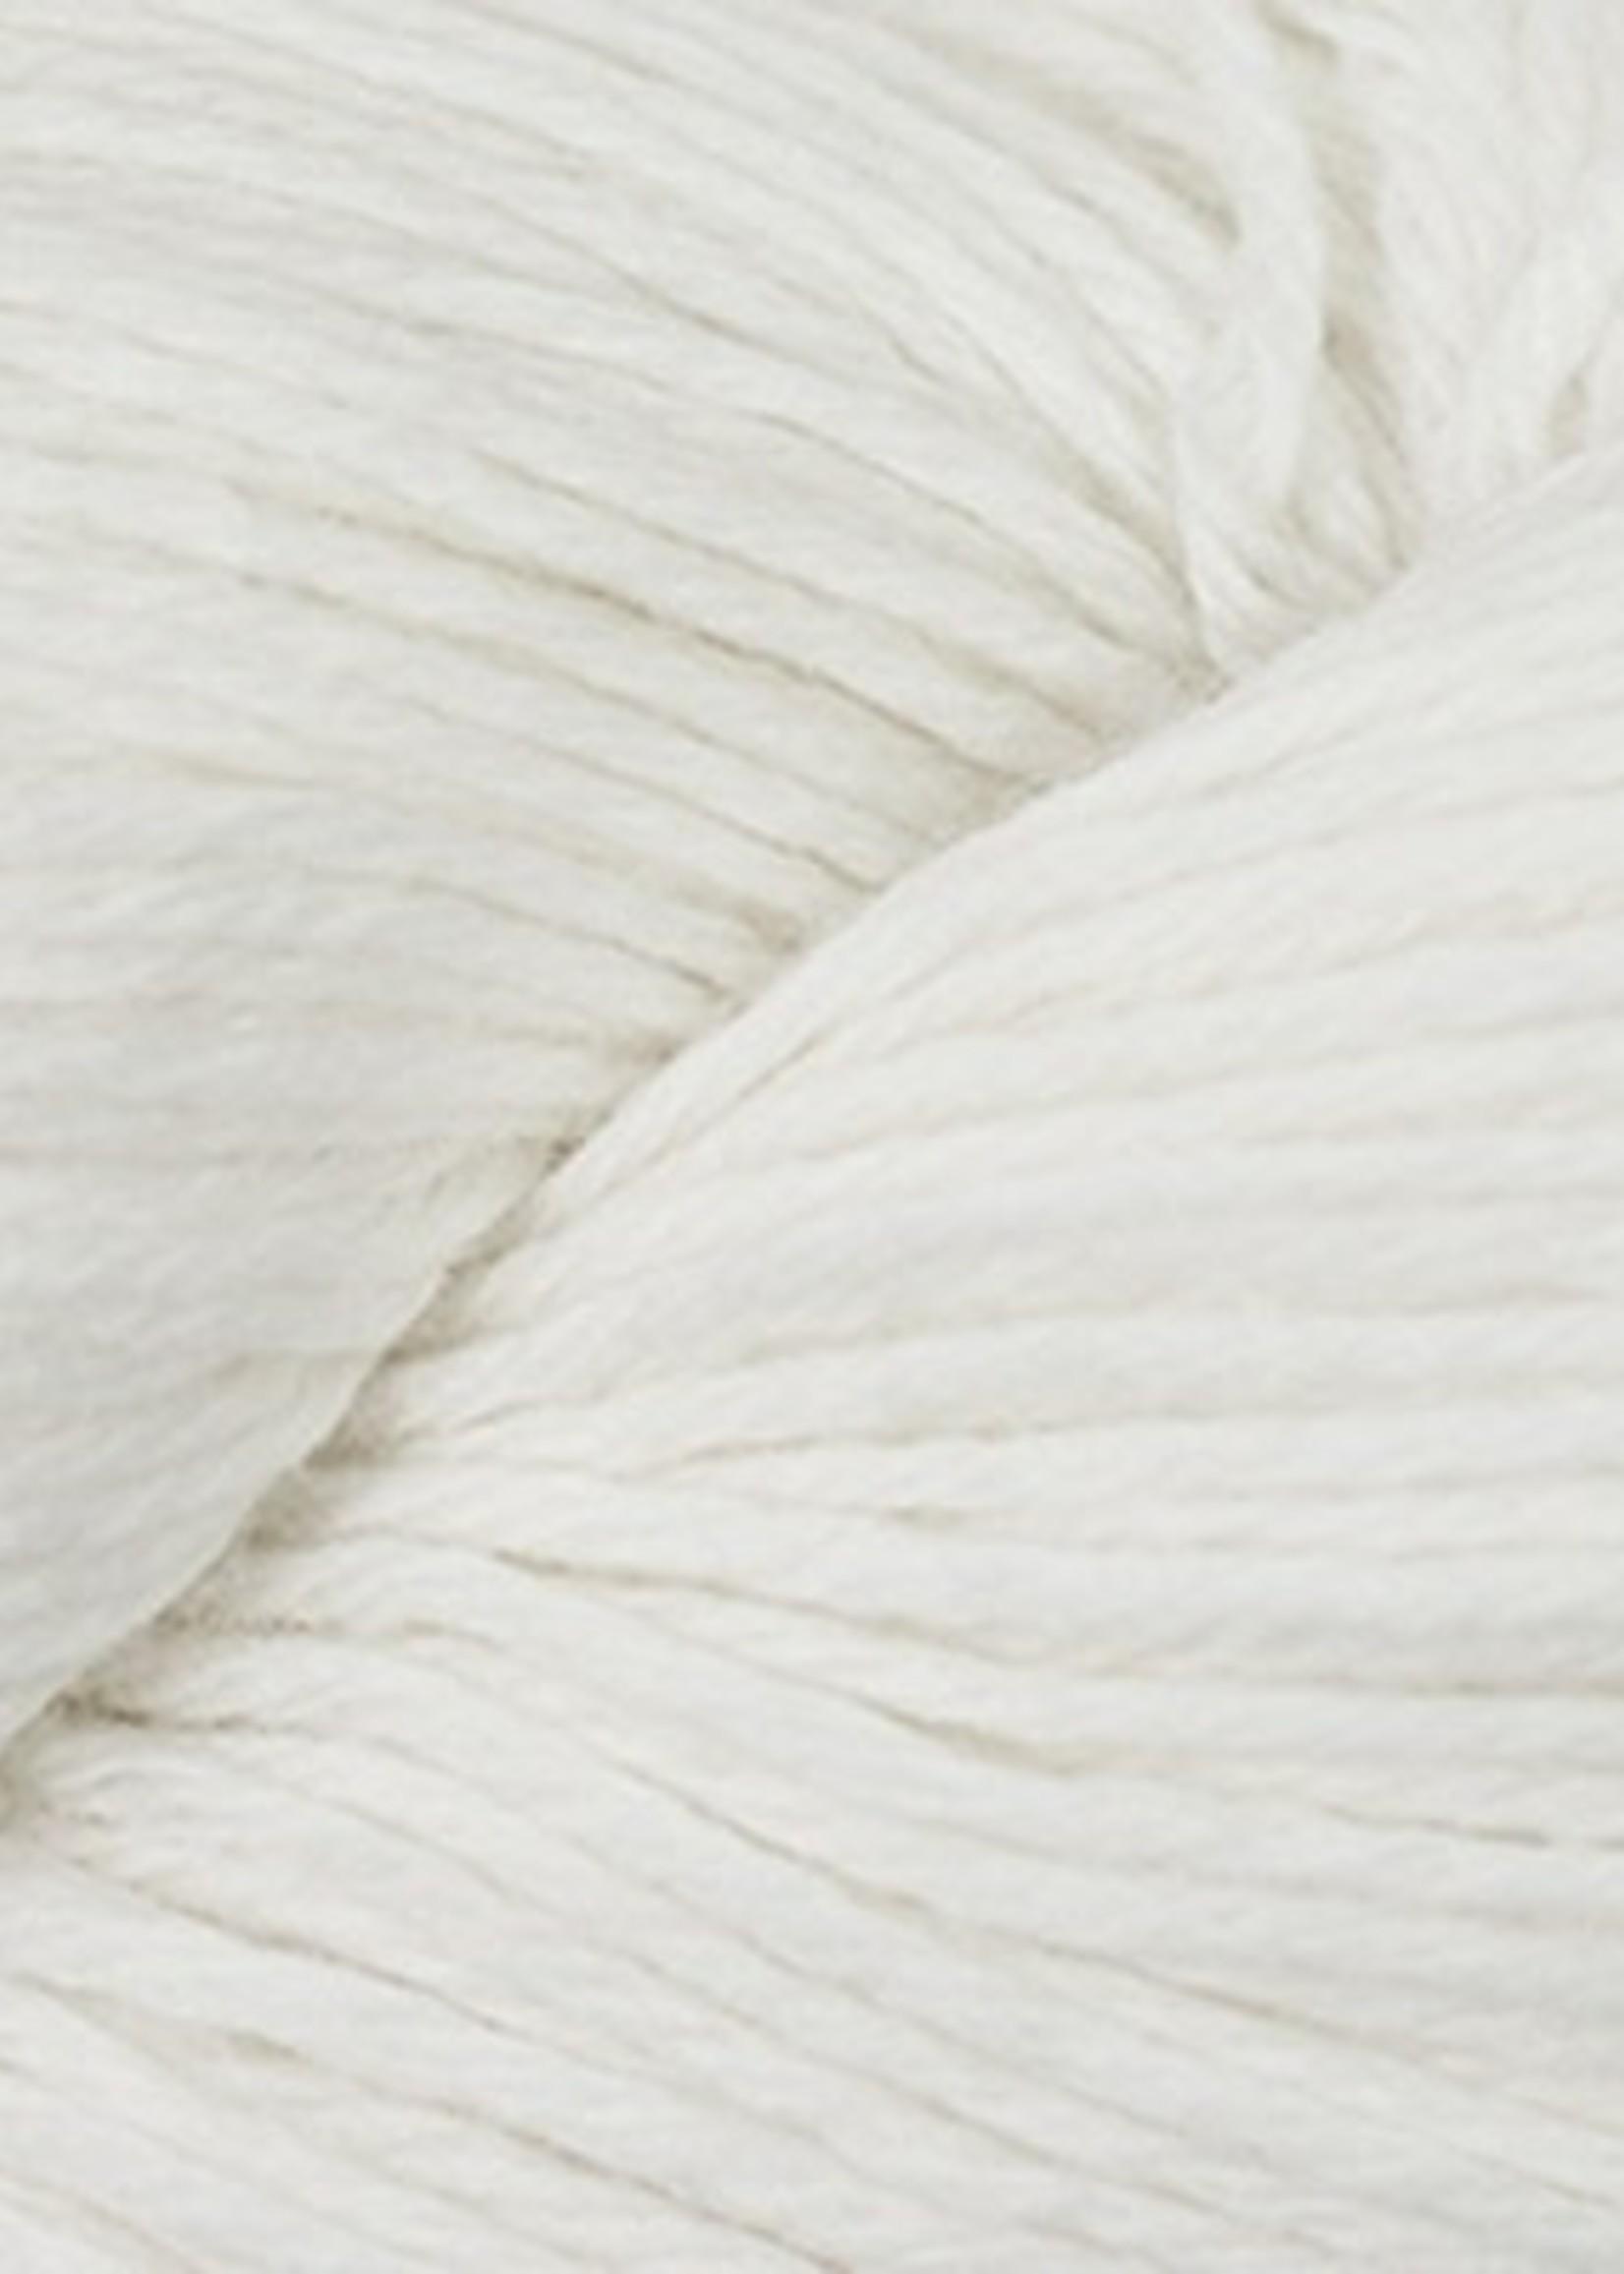 Cascade Cascade 220 Yarn #8505 White